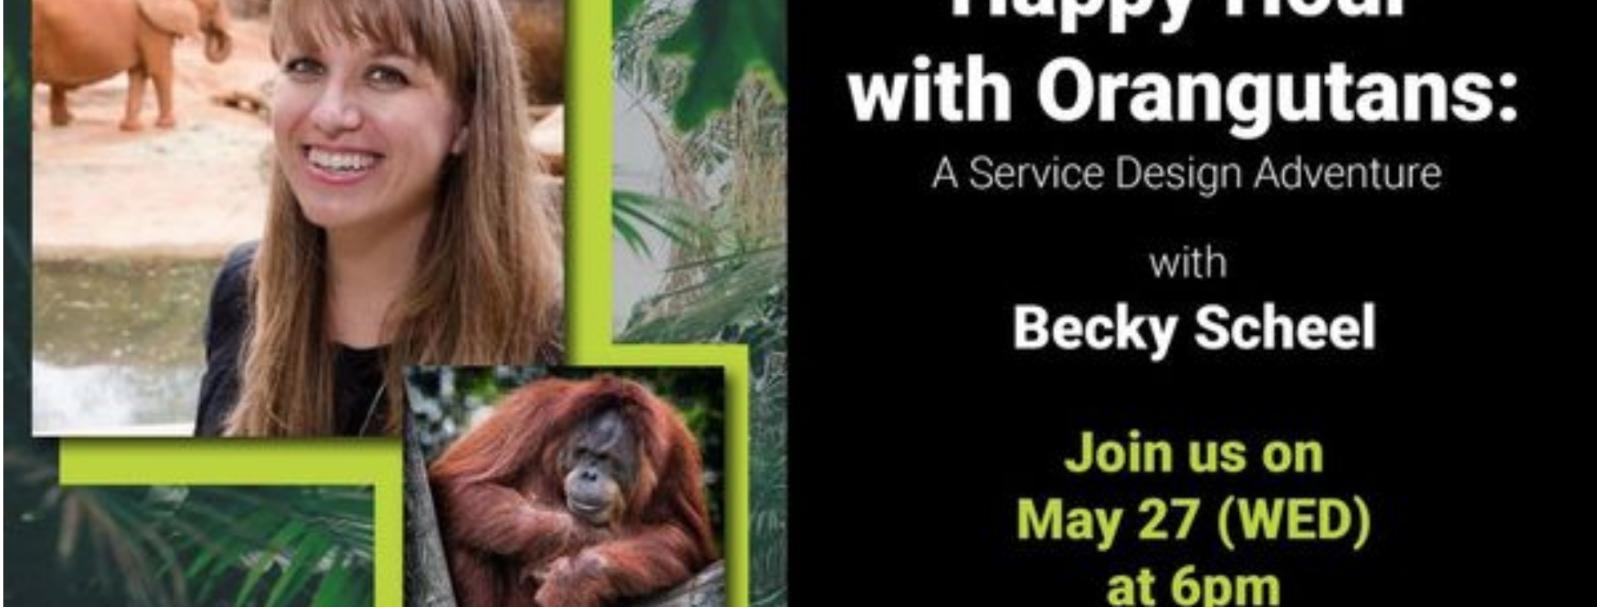 Happy Hour with Orangutans: A service design adventure w/ Becky Scheel